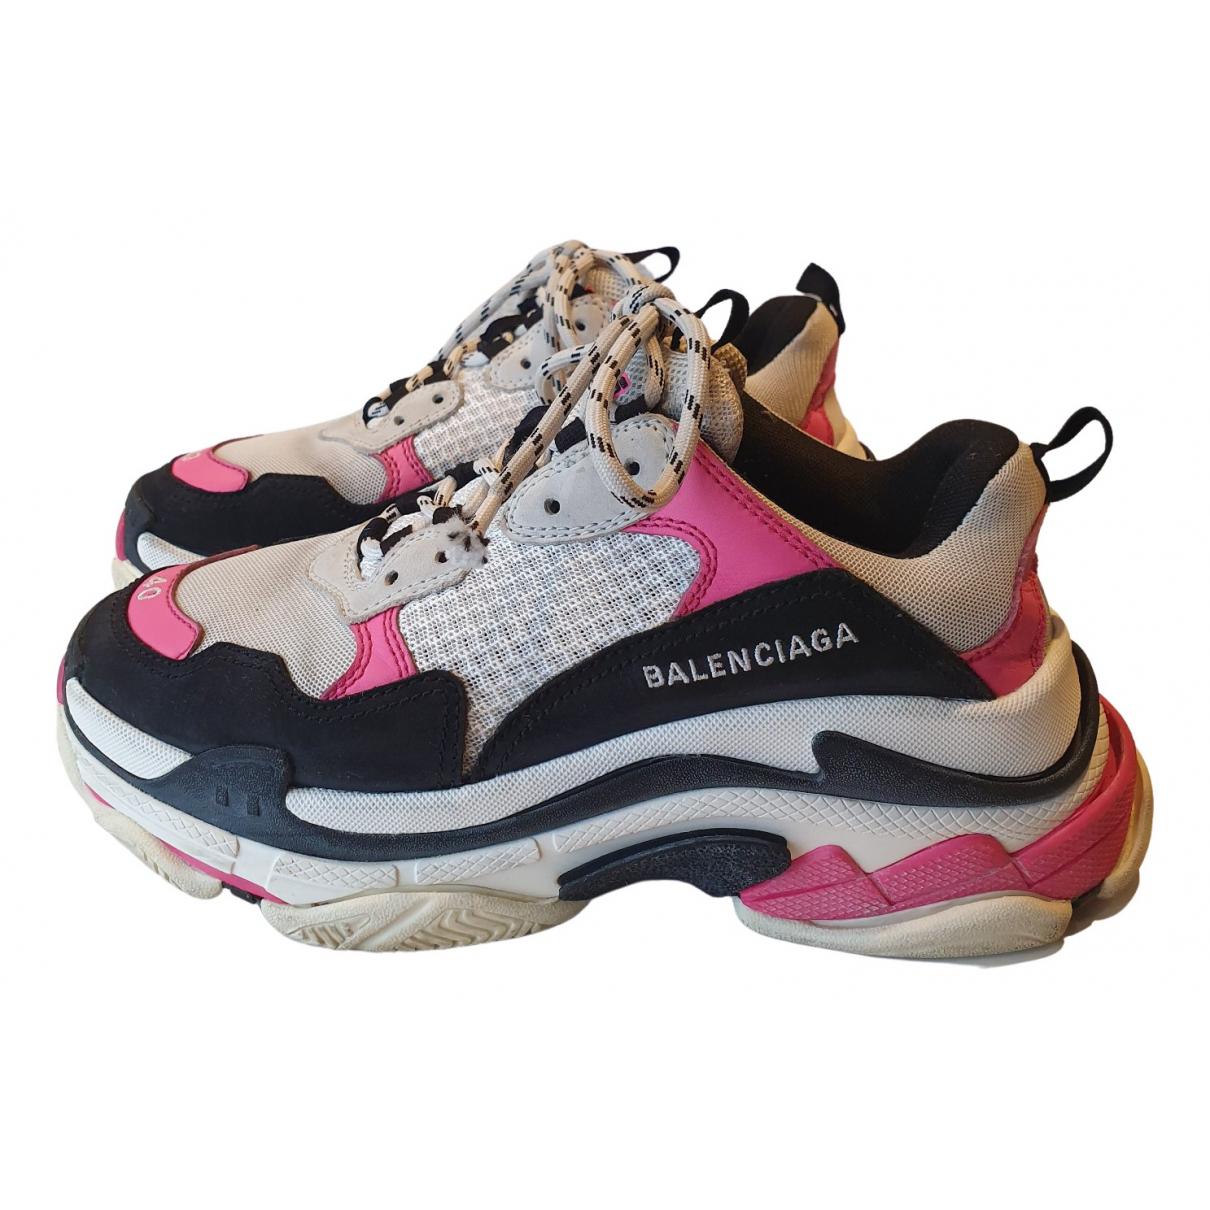 Balenciaga - Baskets Triple S pour femme - multicolore